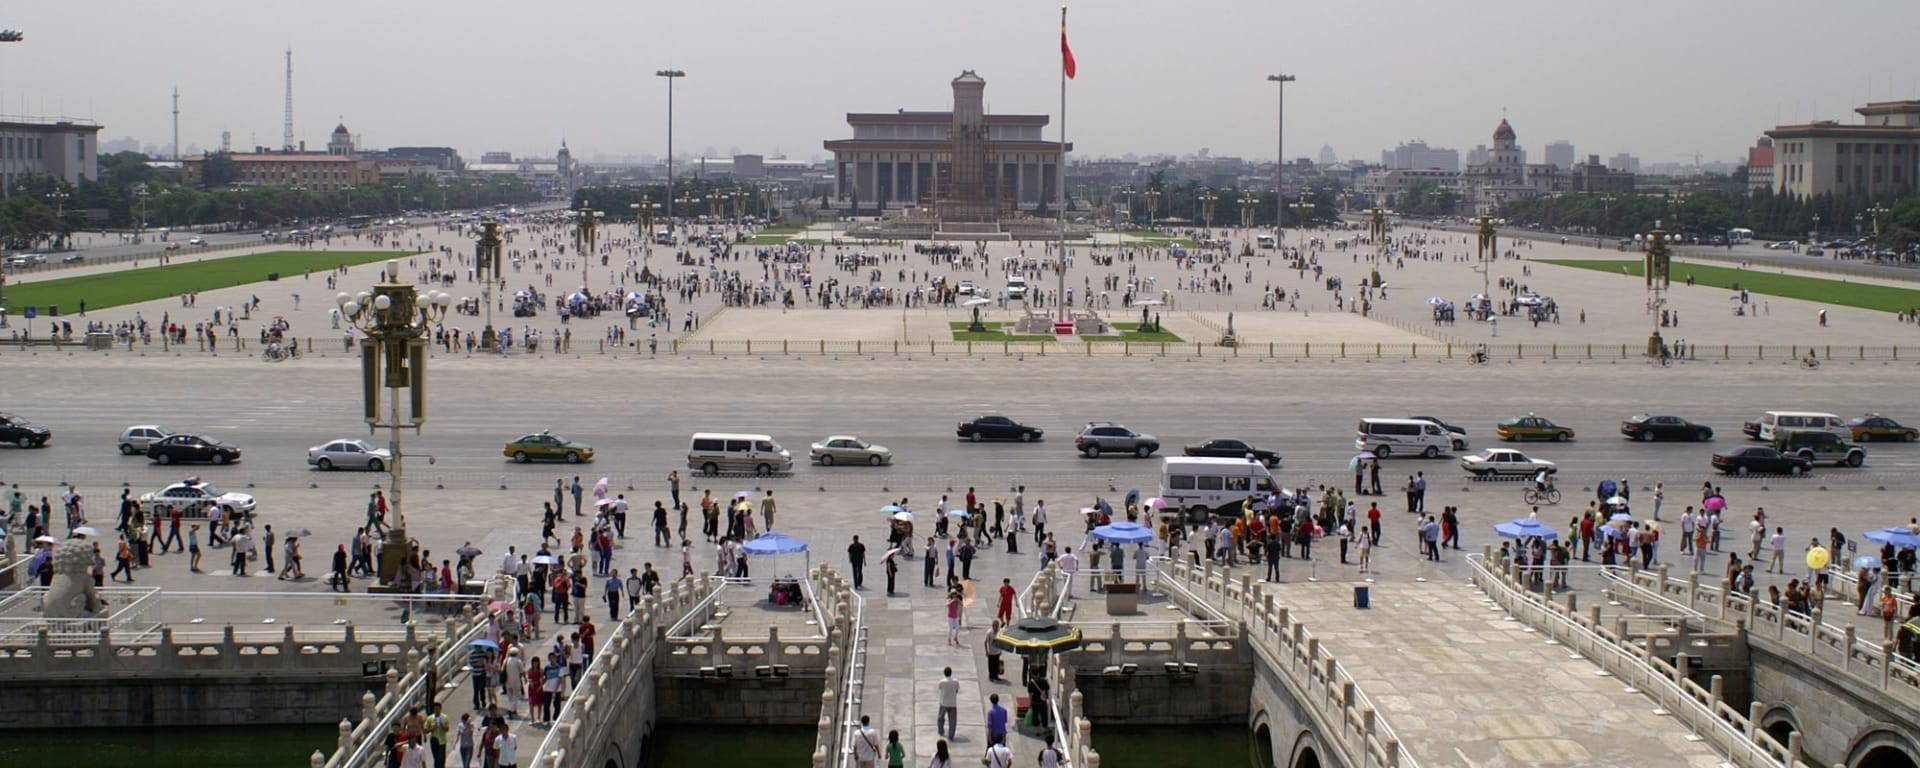 China aktiv erleben ab Peking: Beijing Tiananmen Square